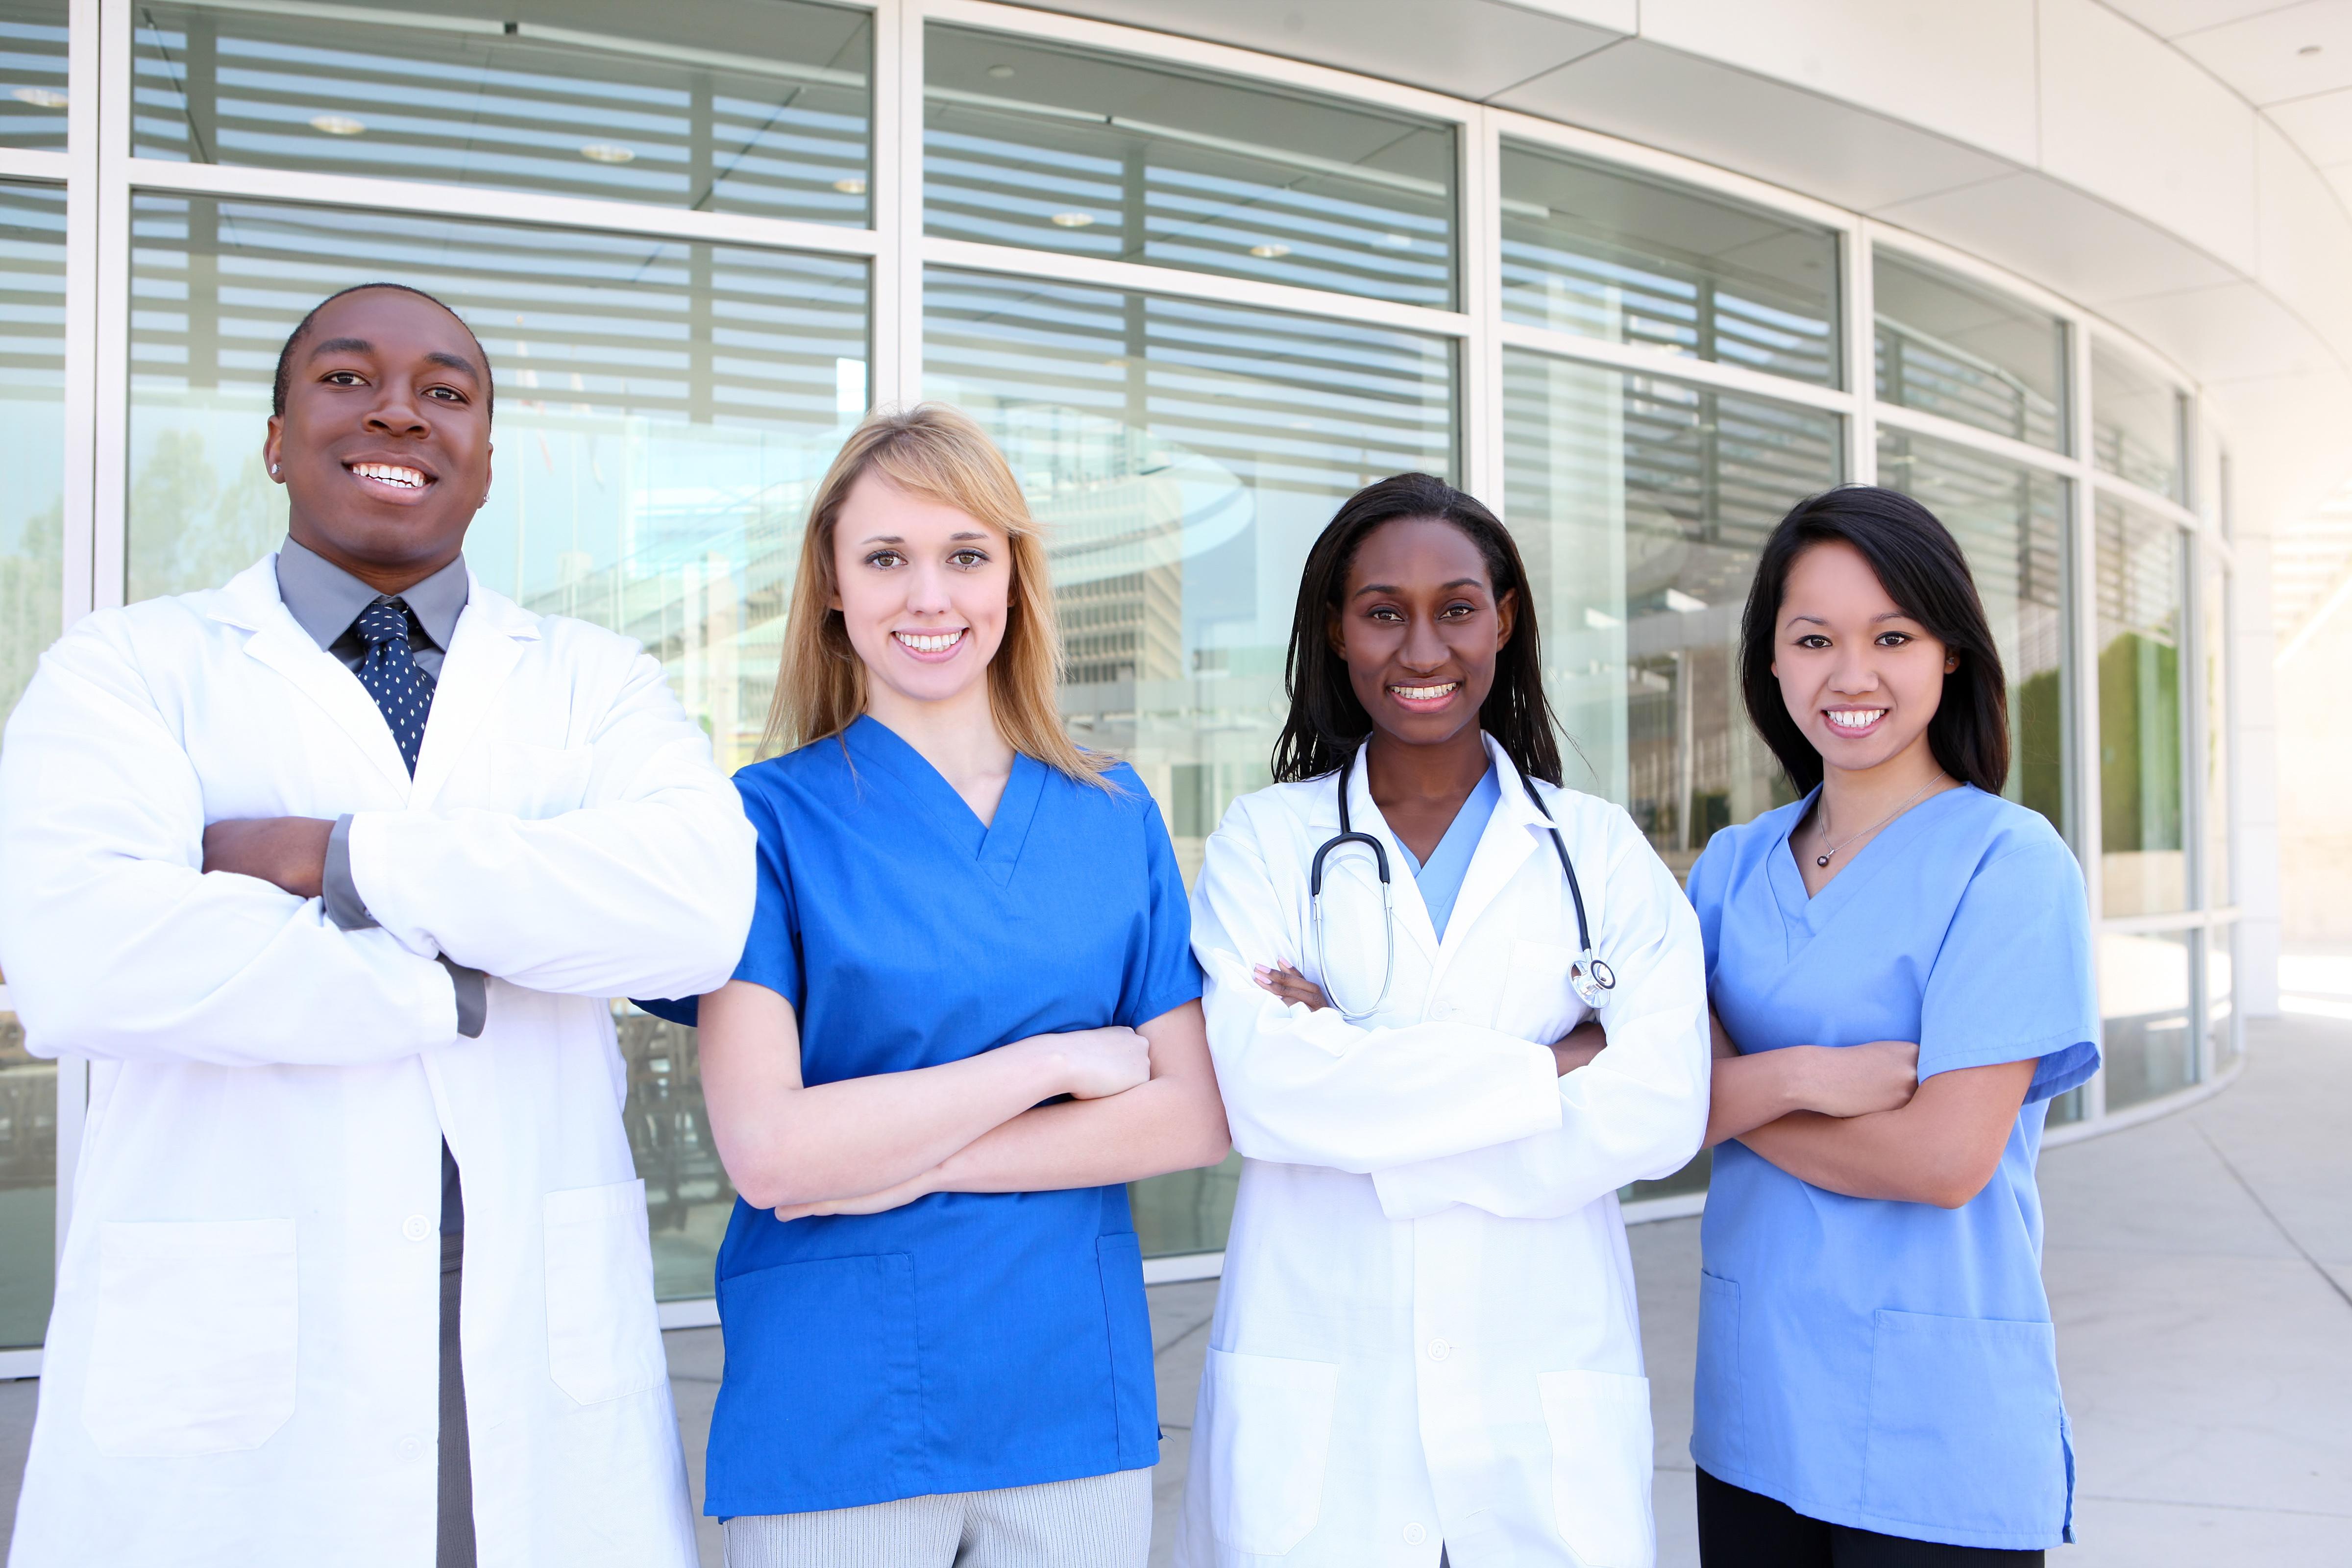 Millennials in Healthcare